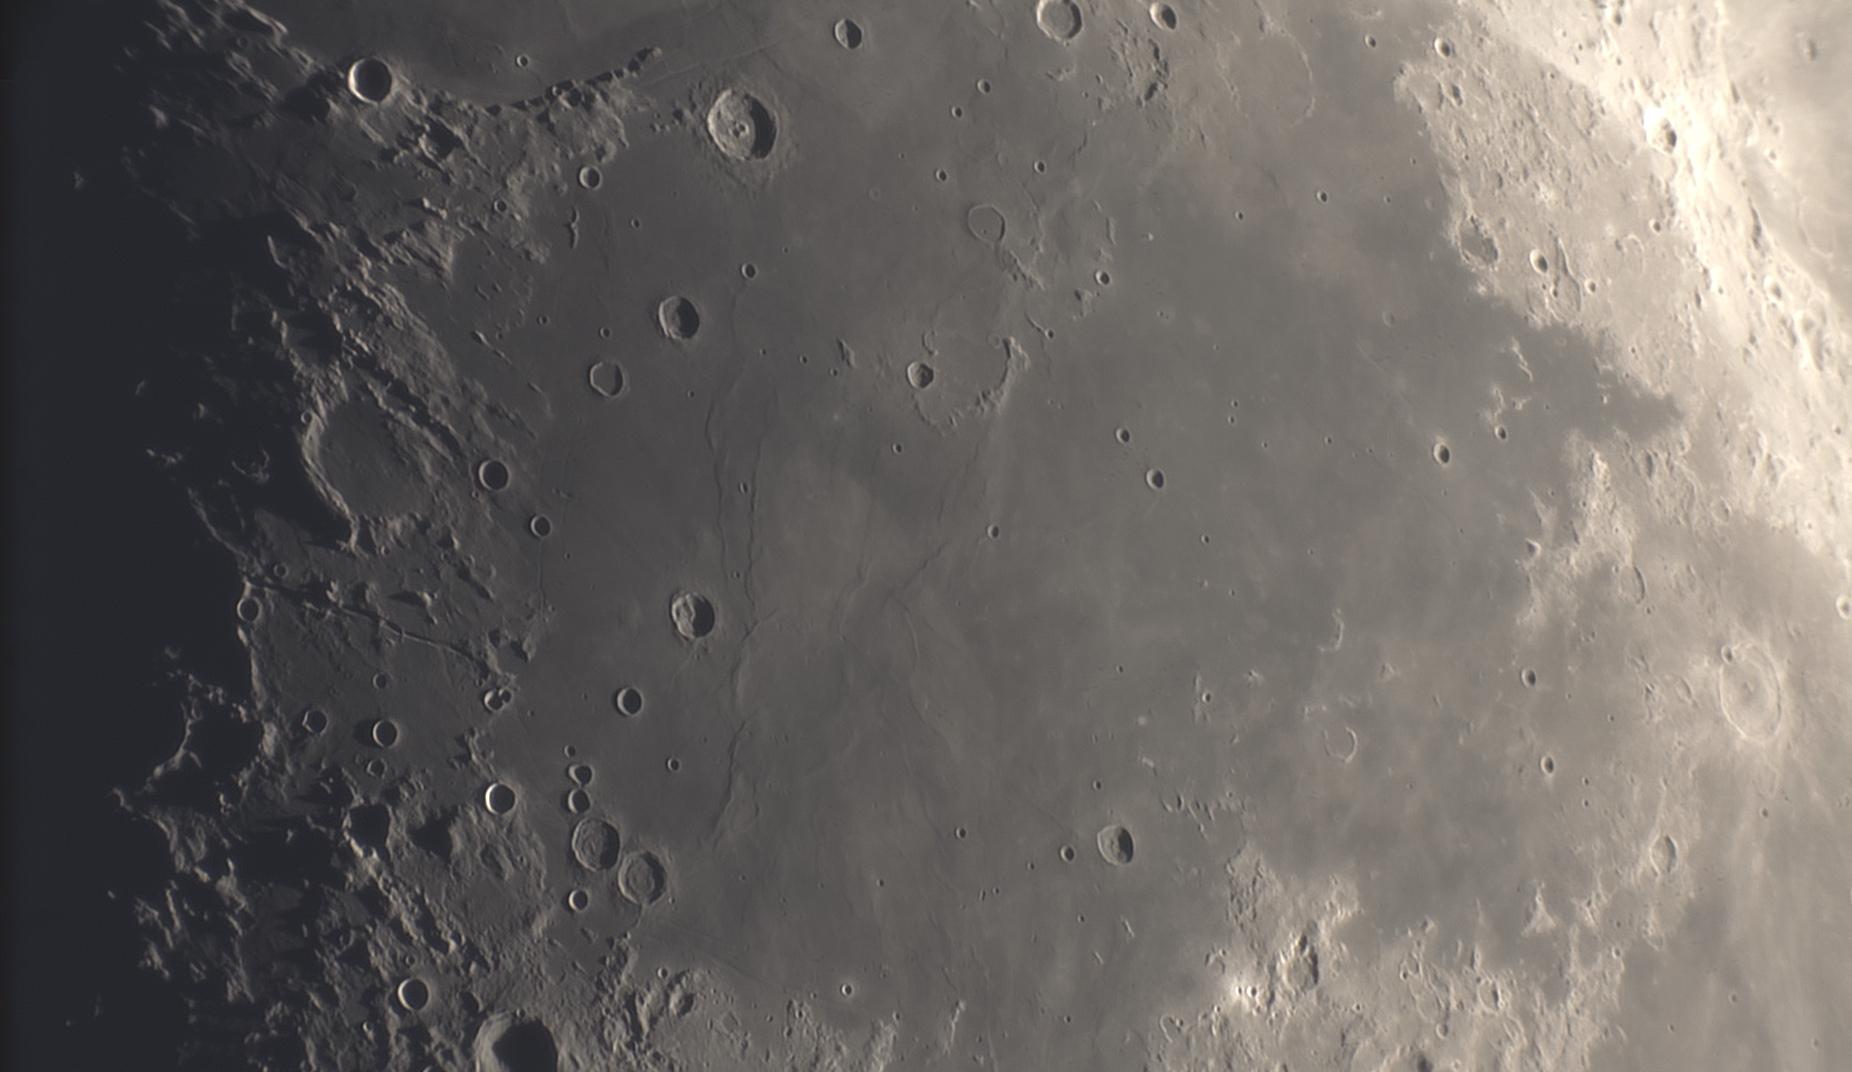 lune7.jpg.20fcea82d2304a60bd0101261210b329.jpg